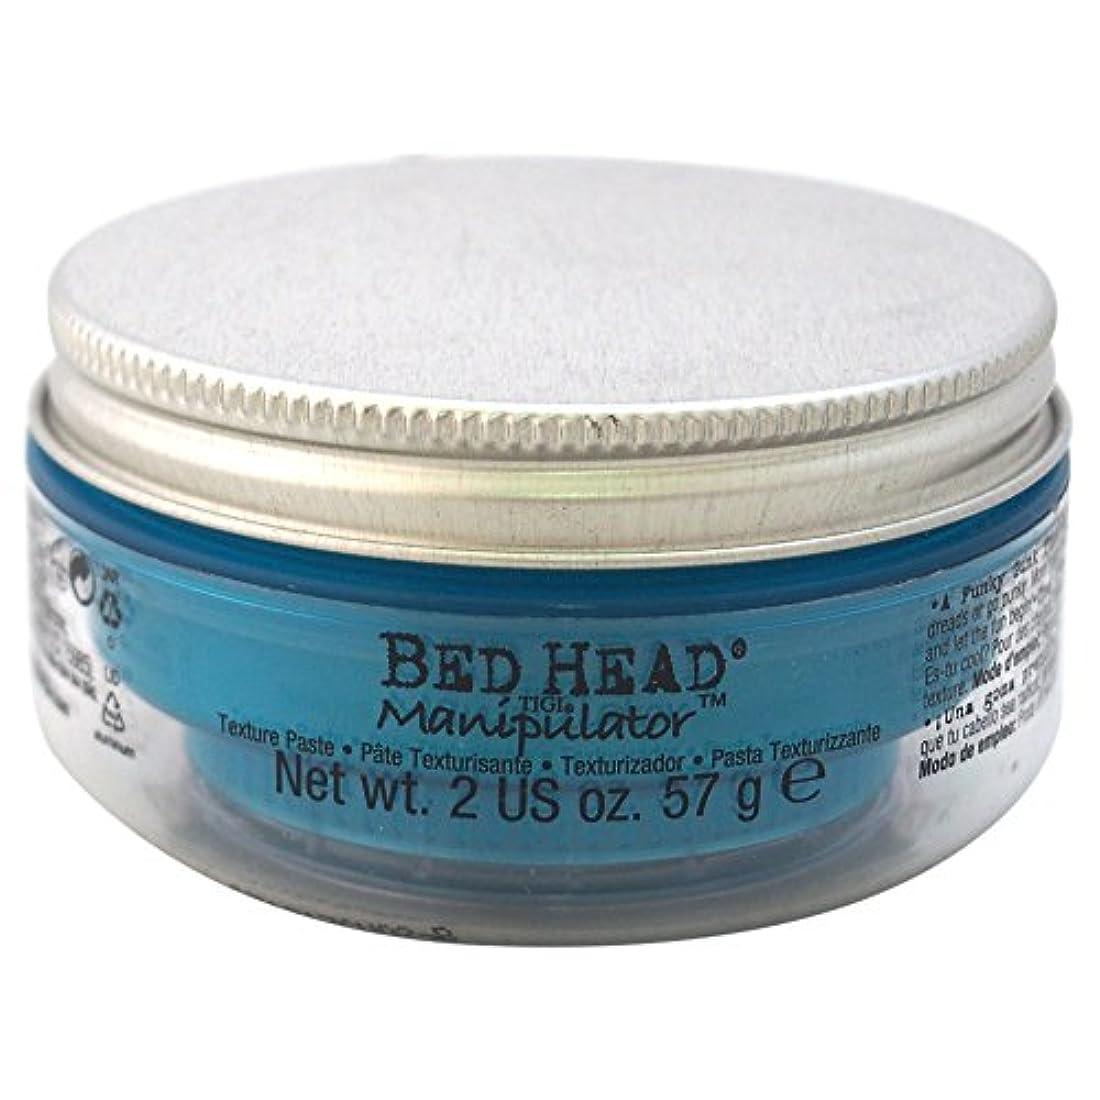 商業のに対応するチラチラするティジー ベッドヘッドマニピュレーター テキシチヤ ペースト Tigi Bed Head Manipulator Texture Paste 57 ml [並行輸入品]